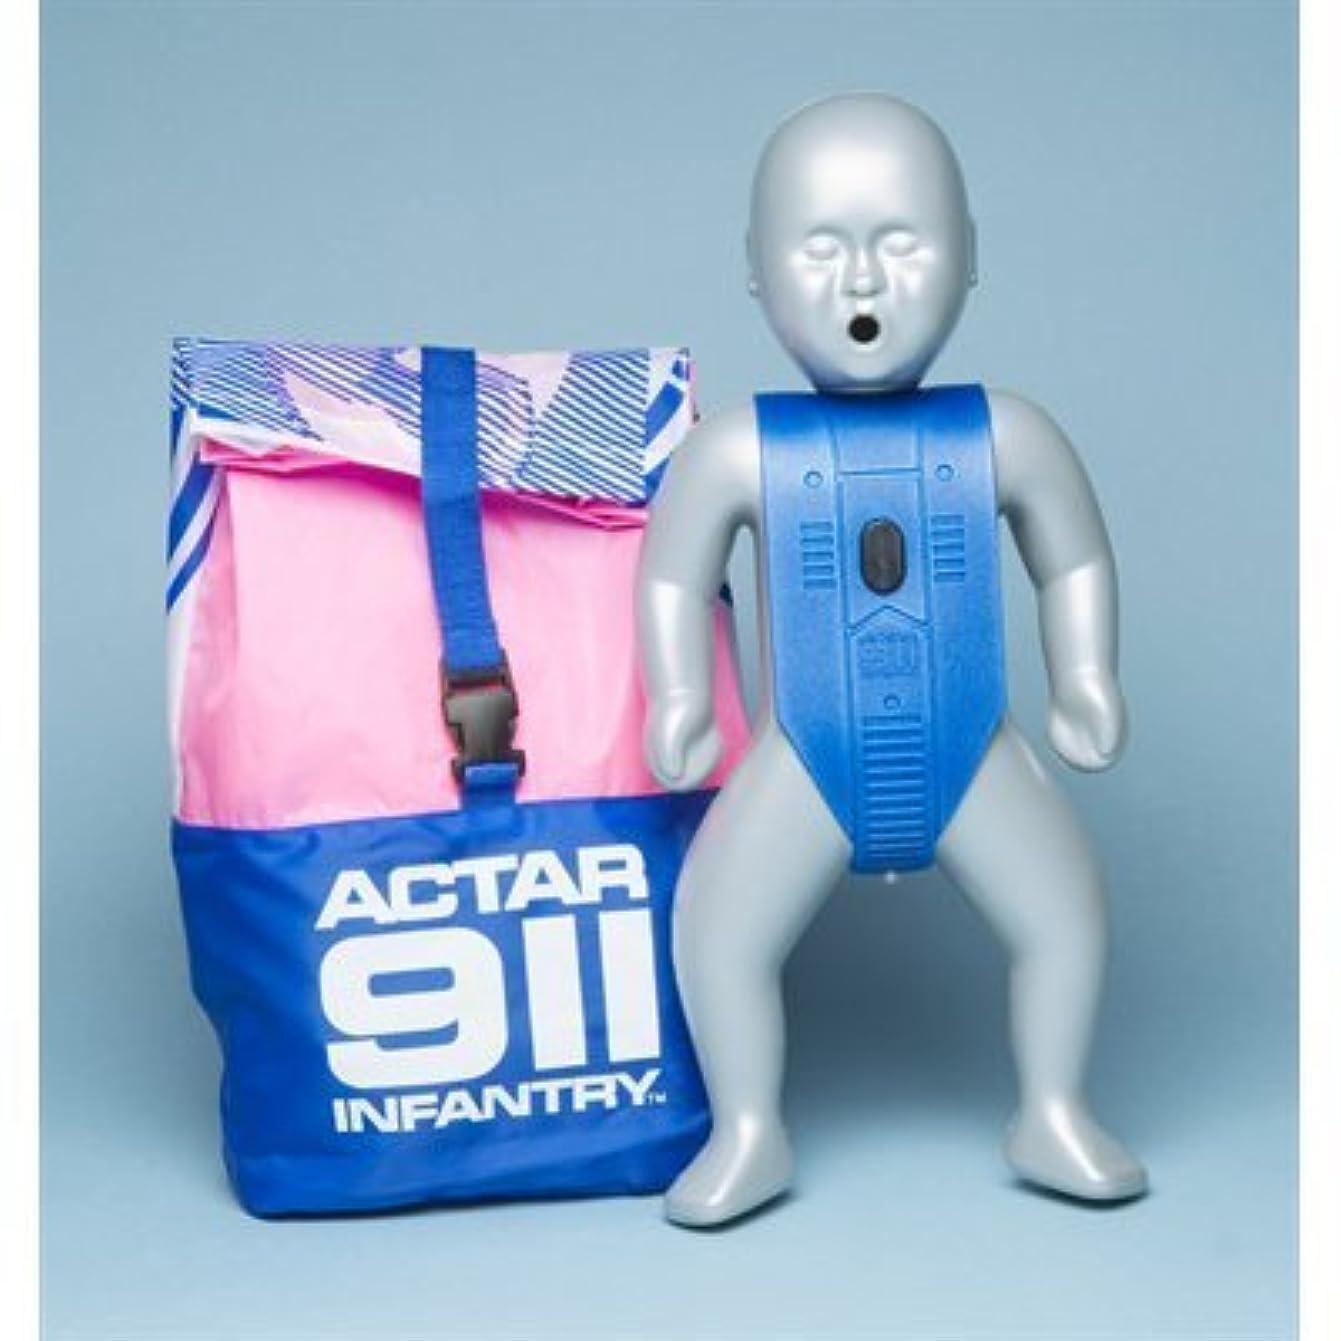 上げる疾患土地Actar 911 Infantry – Single